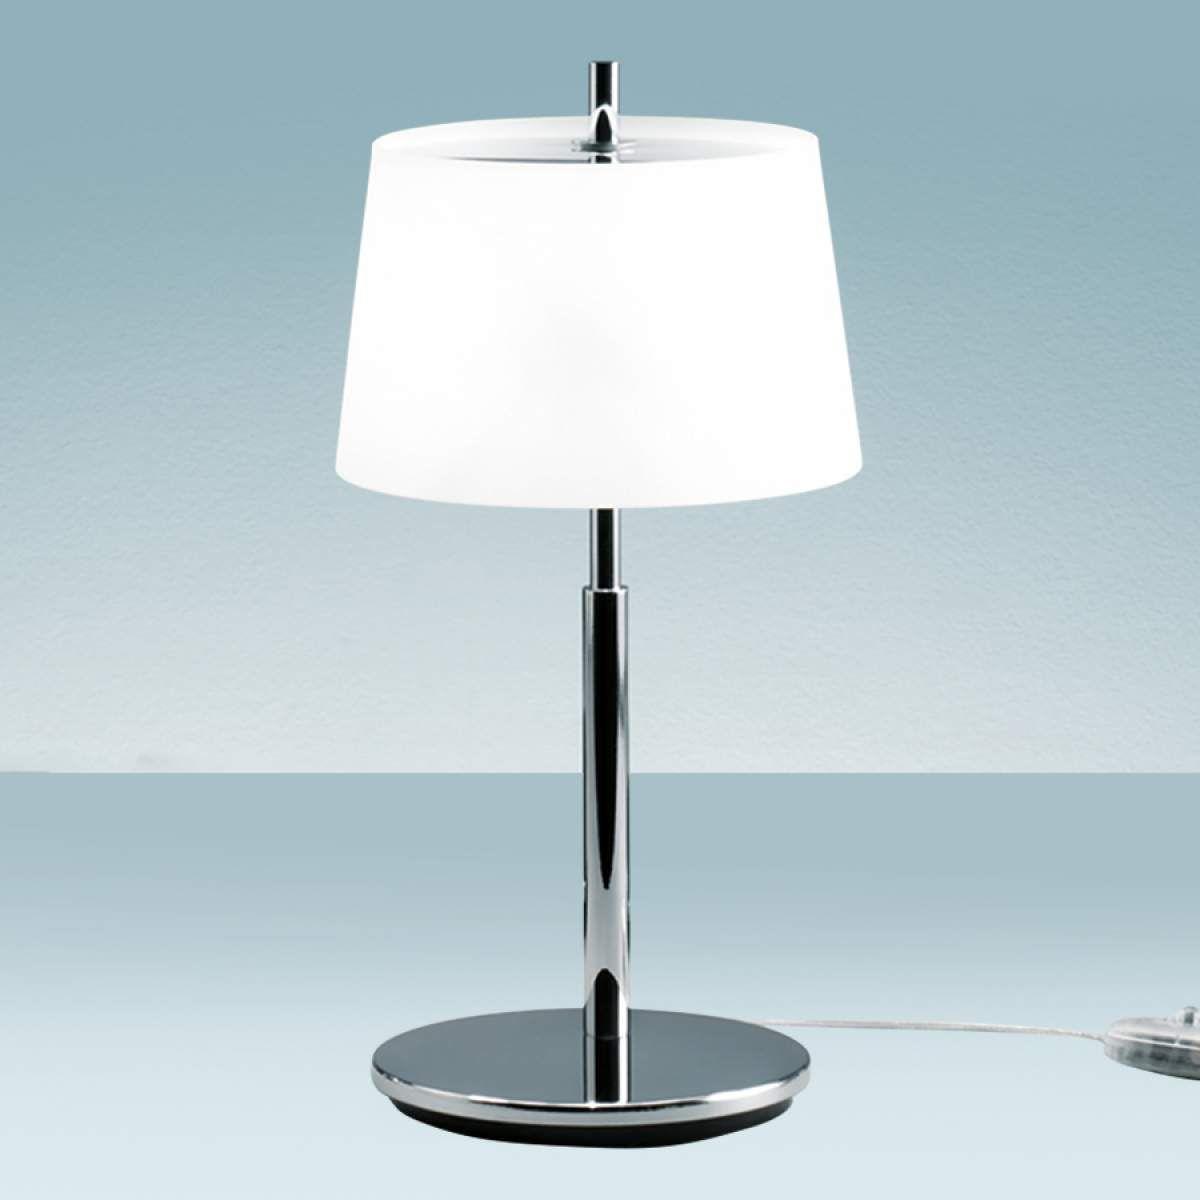 Lampe A Poser Raffinee Passion 20 Cm Luminaire Lampe Salon Lampe De Chevet